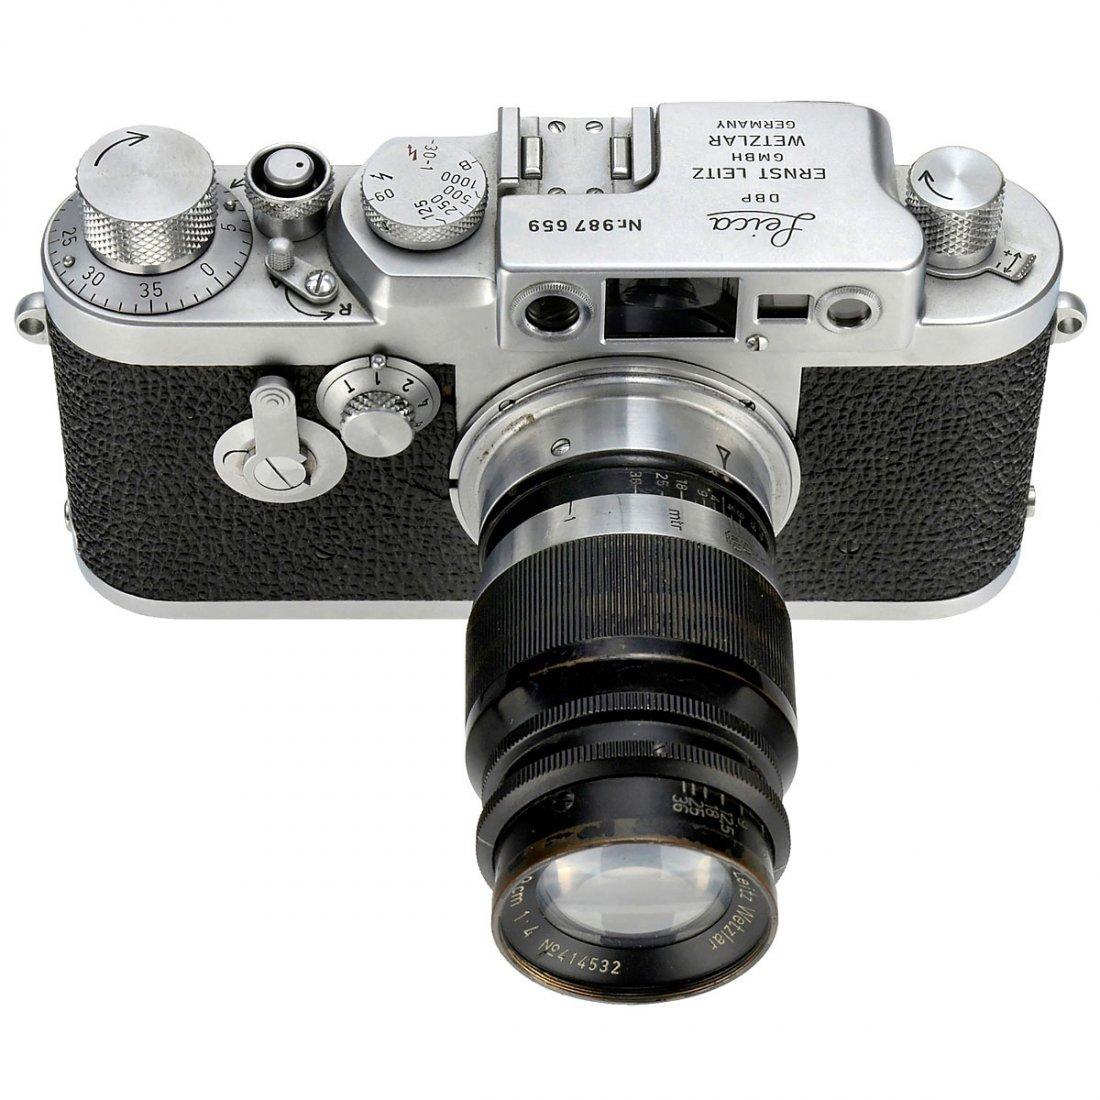 Leica IIIg, 1960